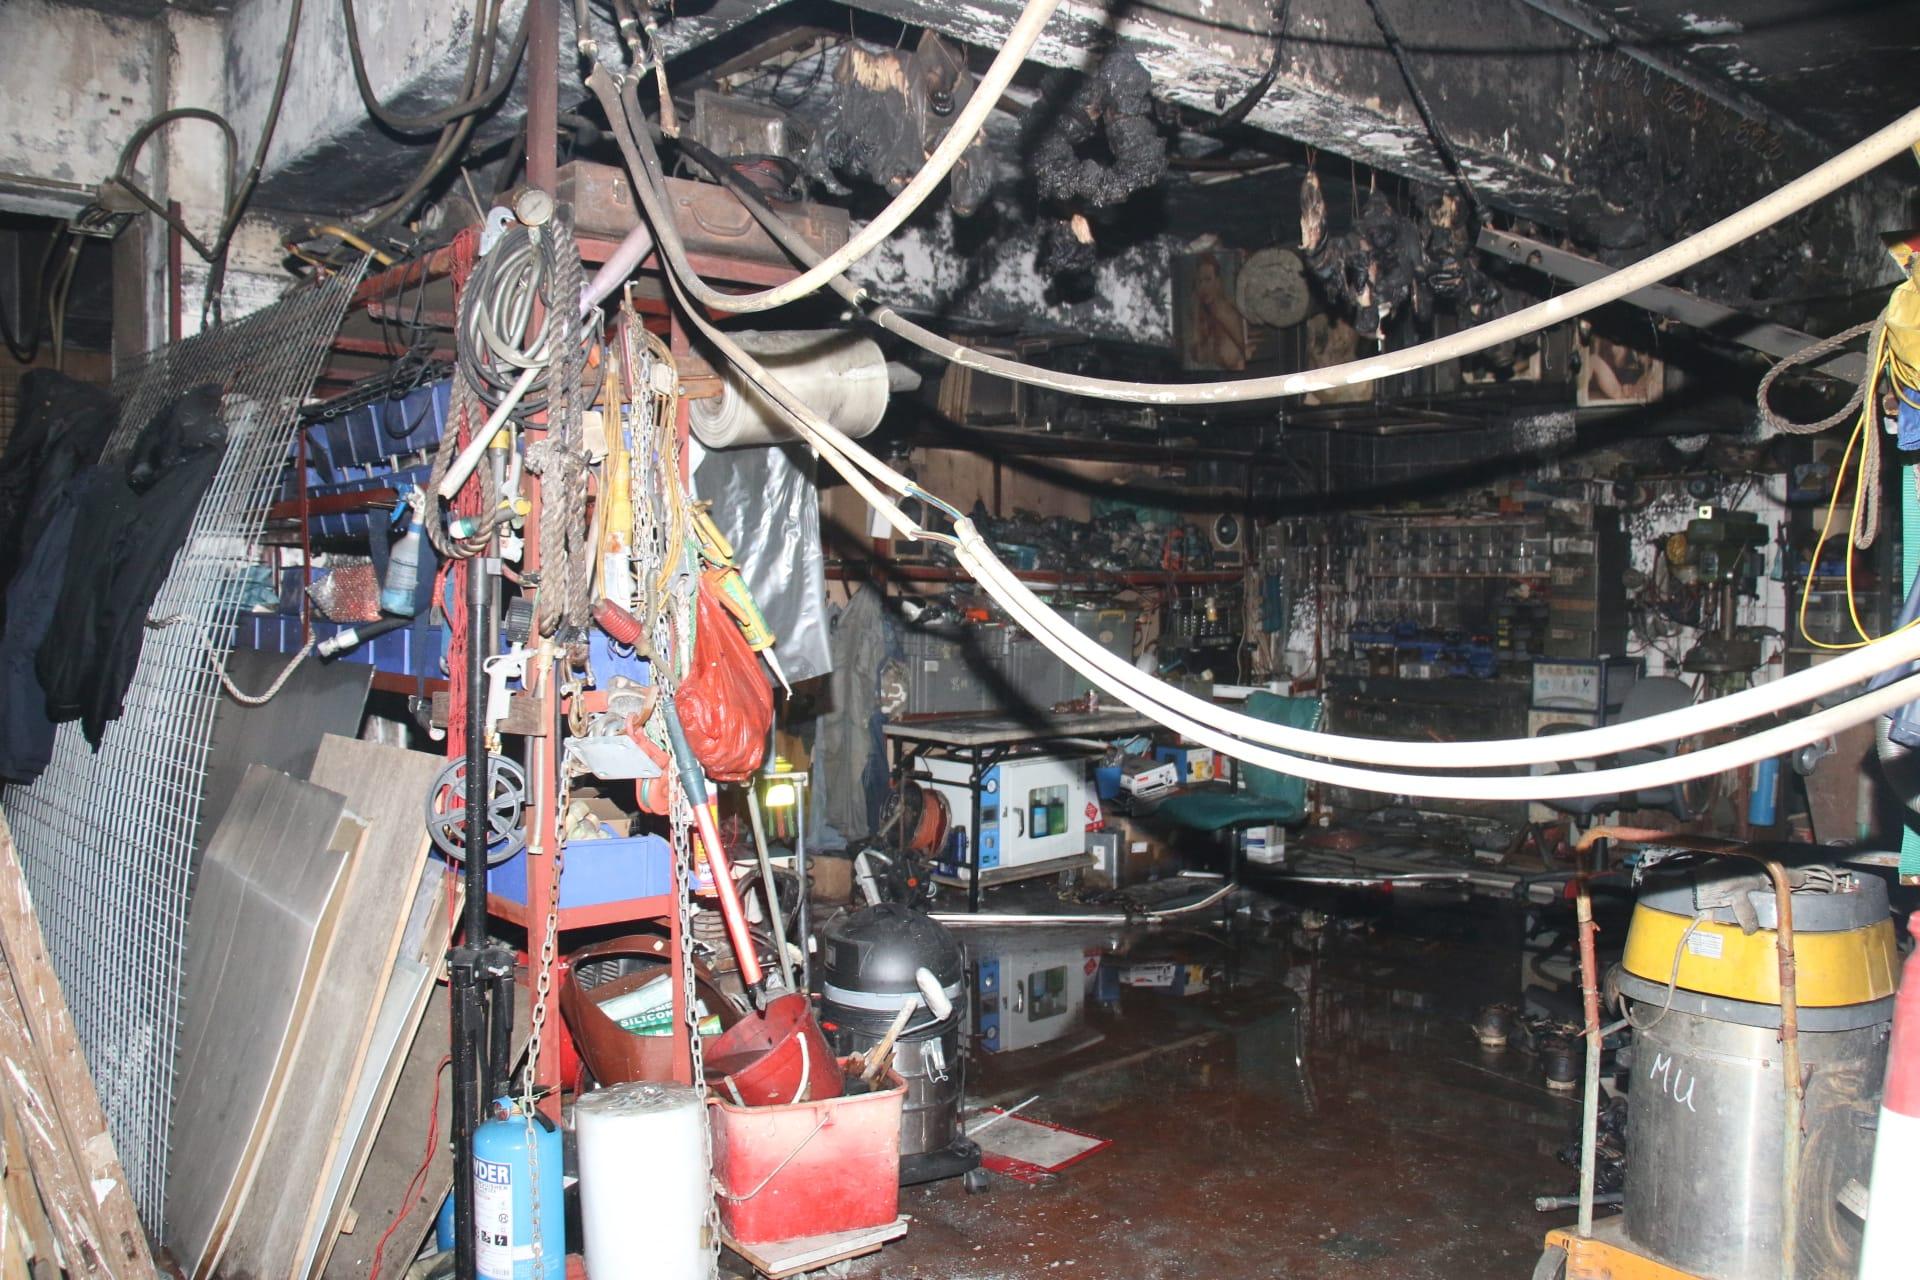 火警單位被焚毁。梁國峰攝